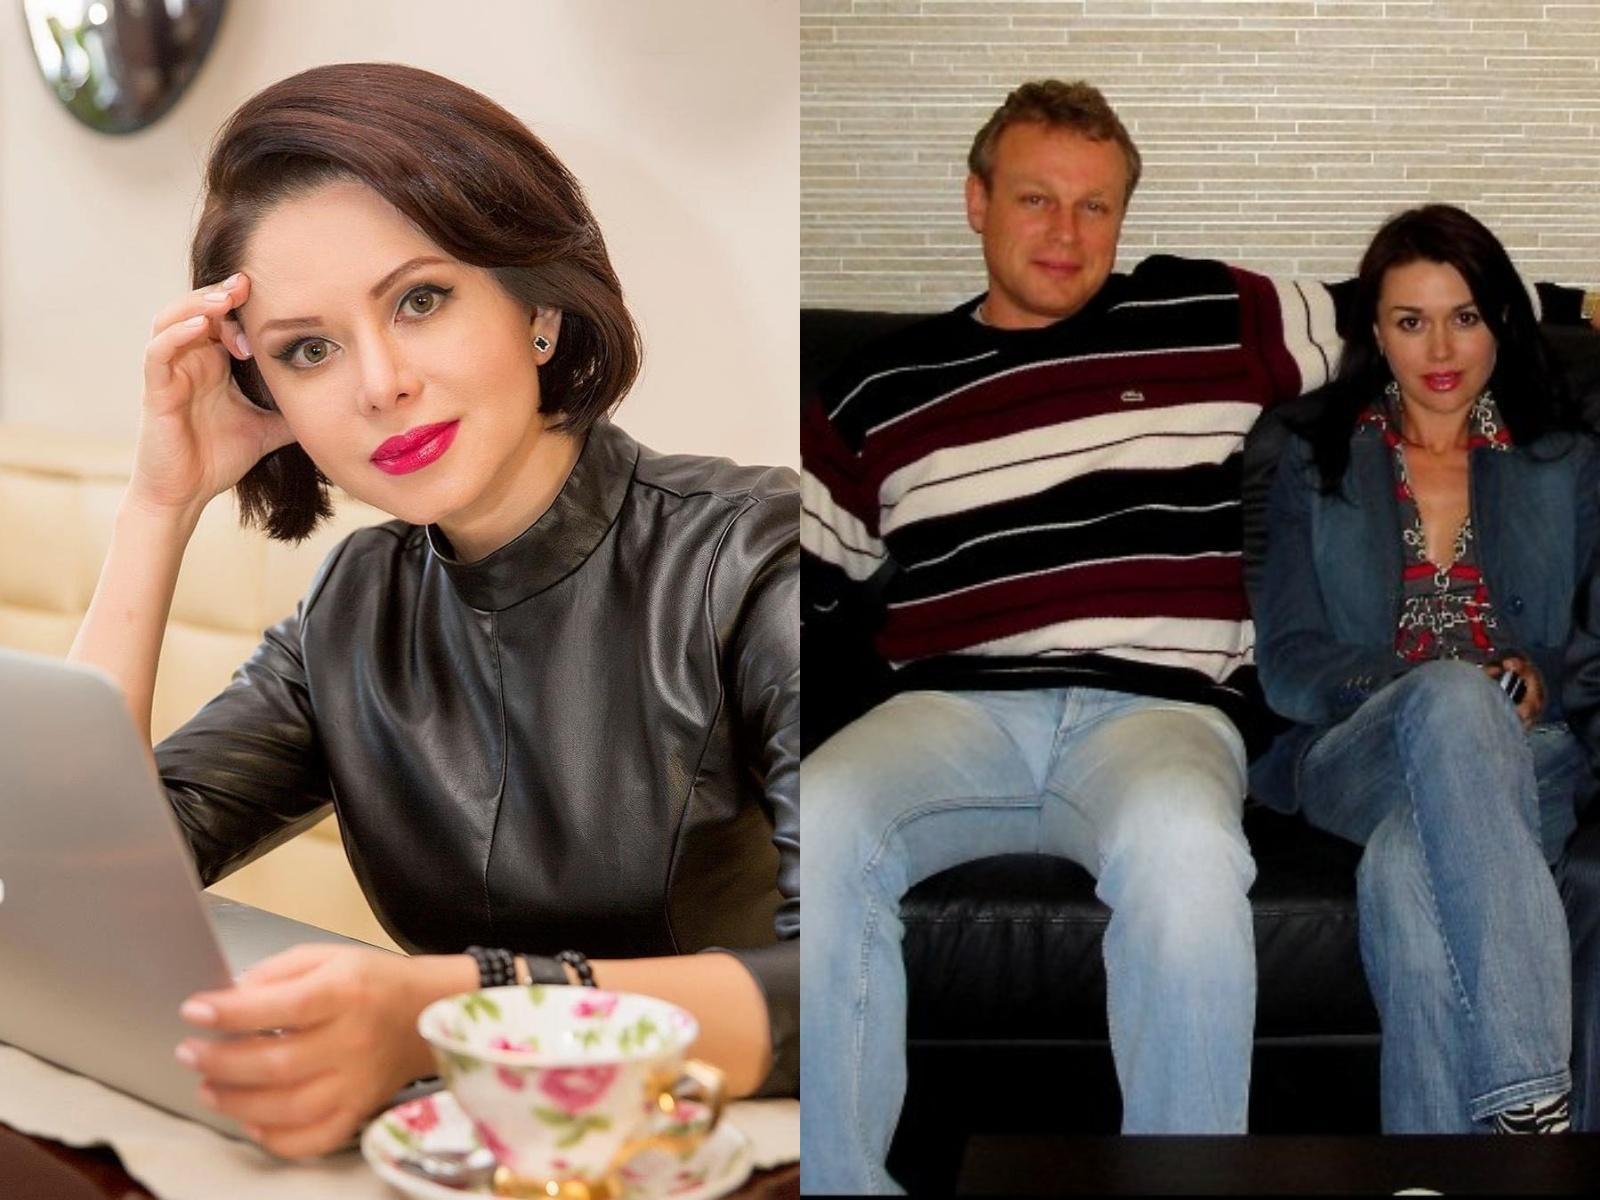 Слева Виктория Ворожбит. Фото © Instagram / vikavorozhbit, VK / Сергей Жигунов — актёр, режиссёр и продюсер.